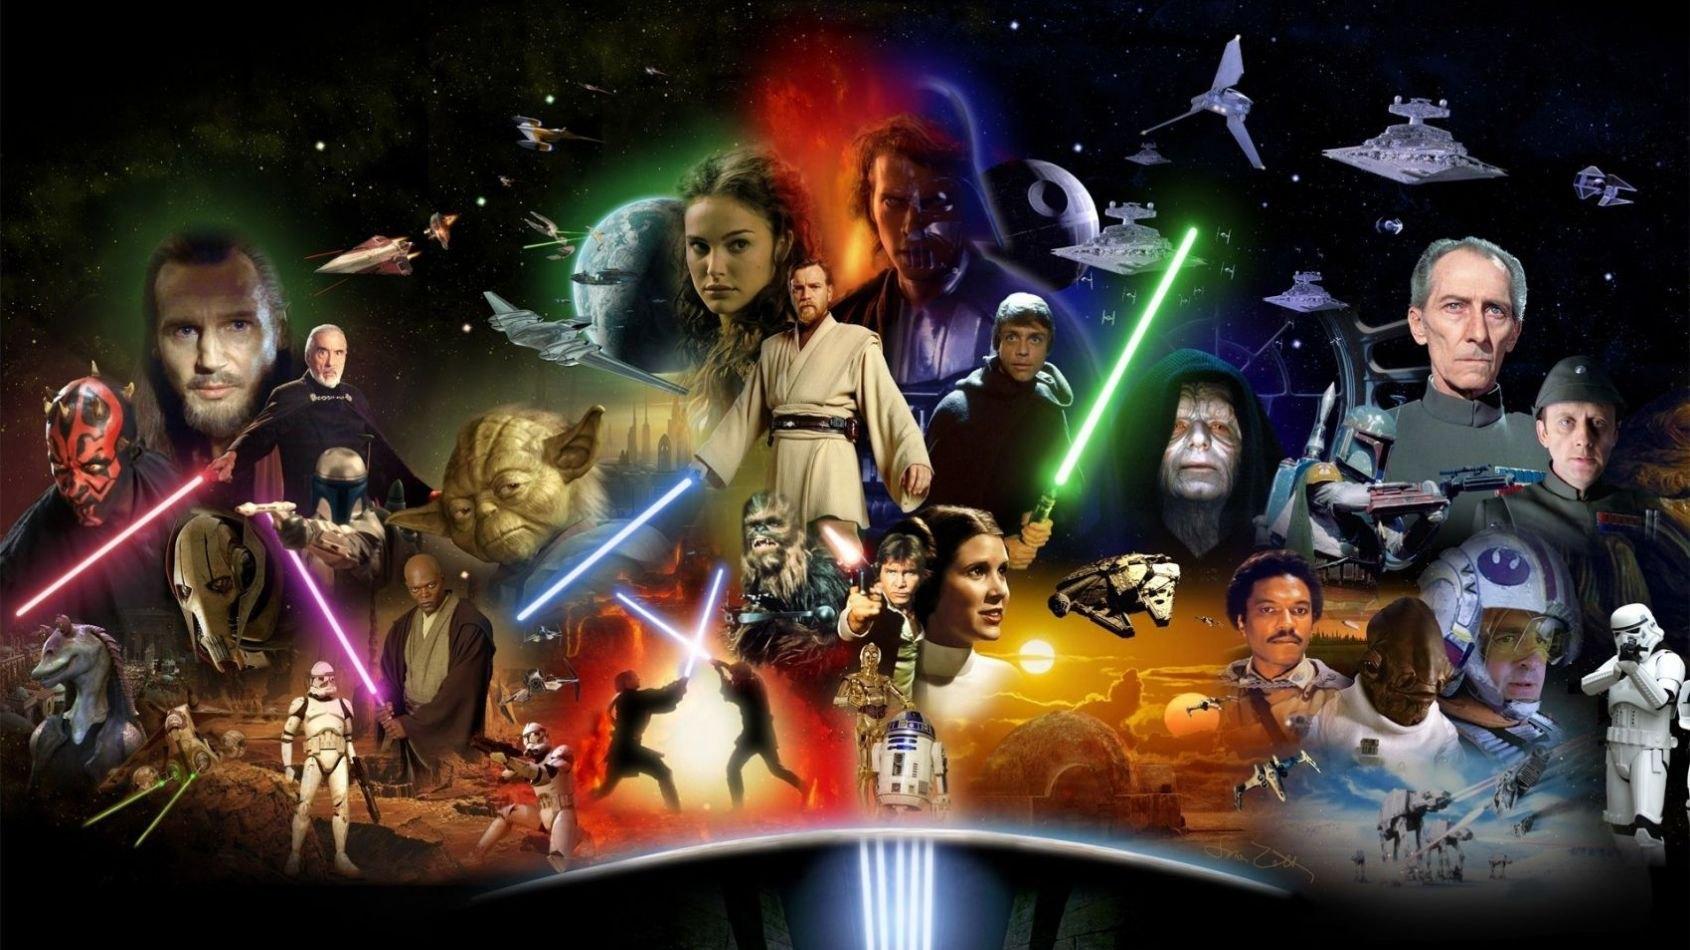 TF1 diffusera l'intégralité de la saga Star Wars à partir de décembre